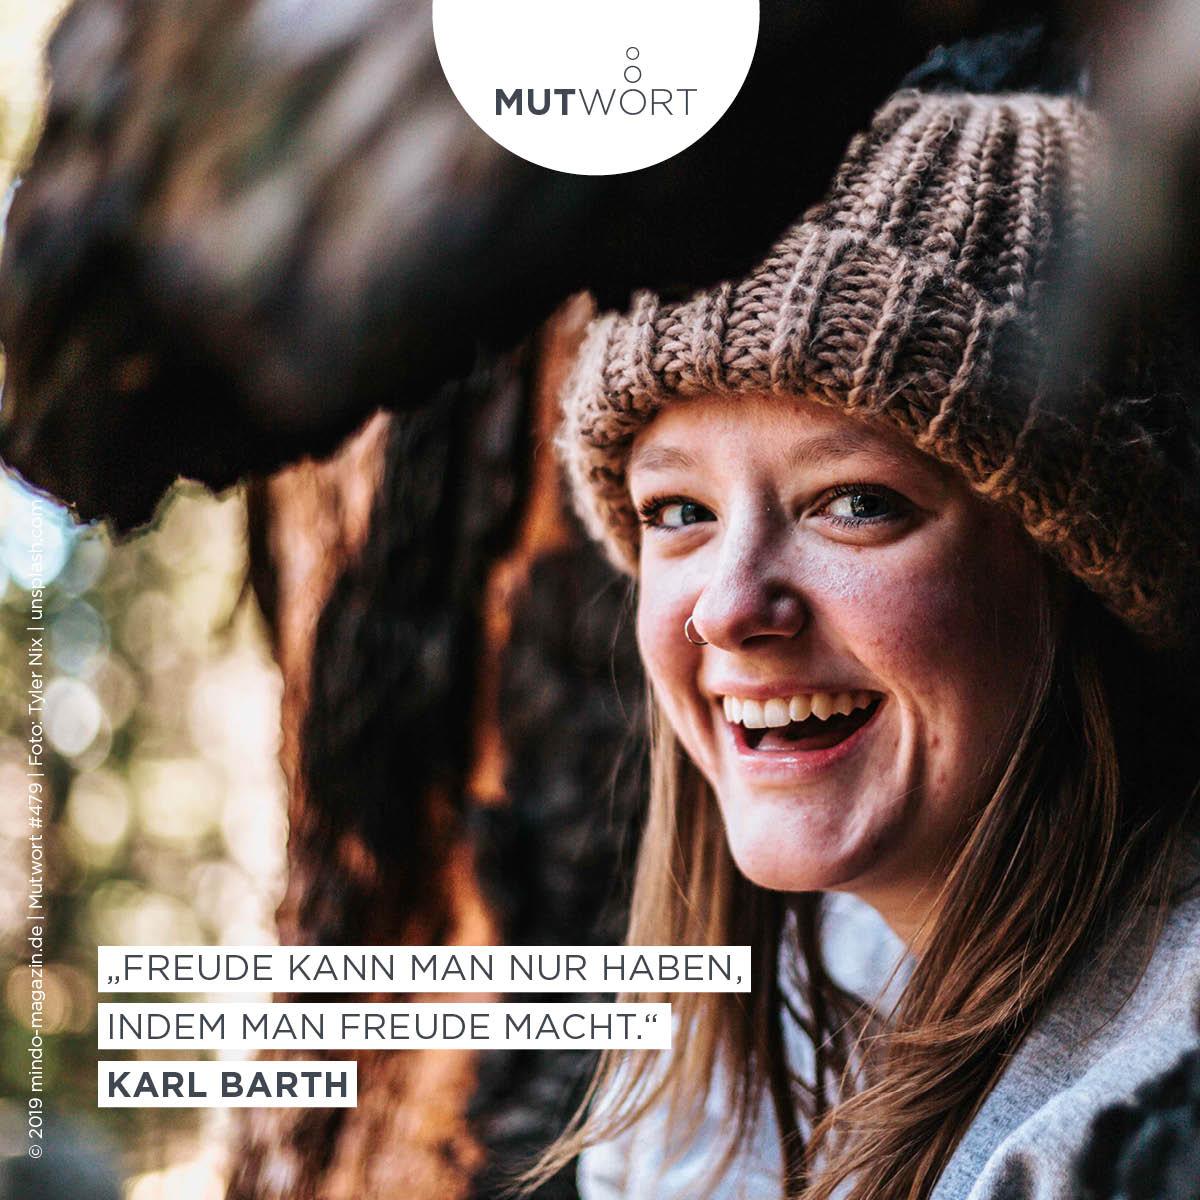 """""""Freude kann man nur haben, indem man Freude macht."""" - Karl Barth"""